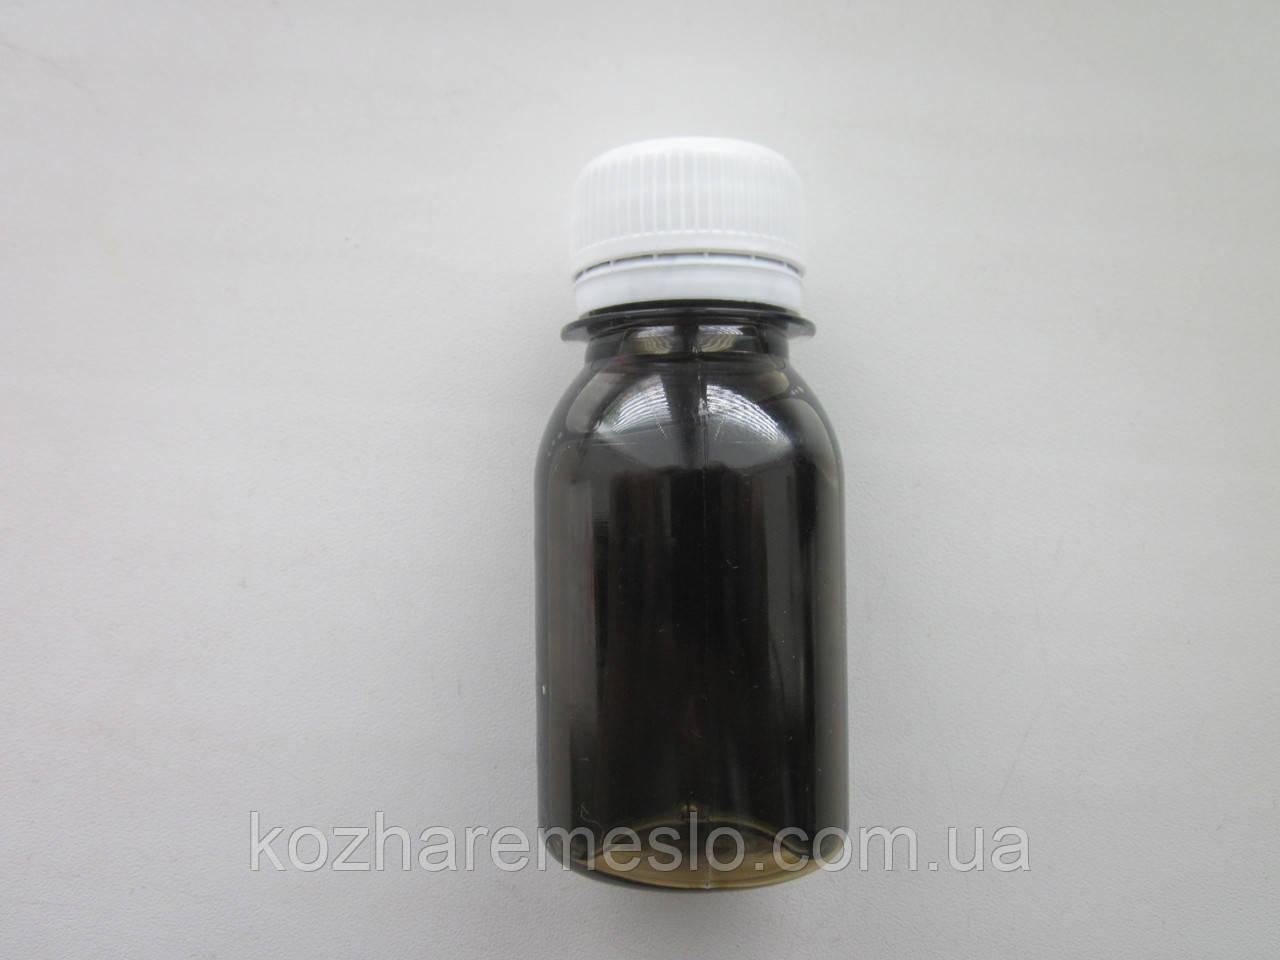 Аппретура для кожи на водной основе 30 мл коричневая сильный глянец